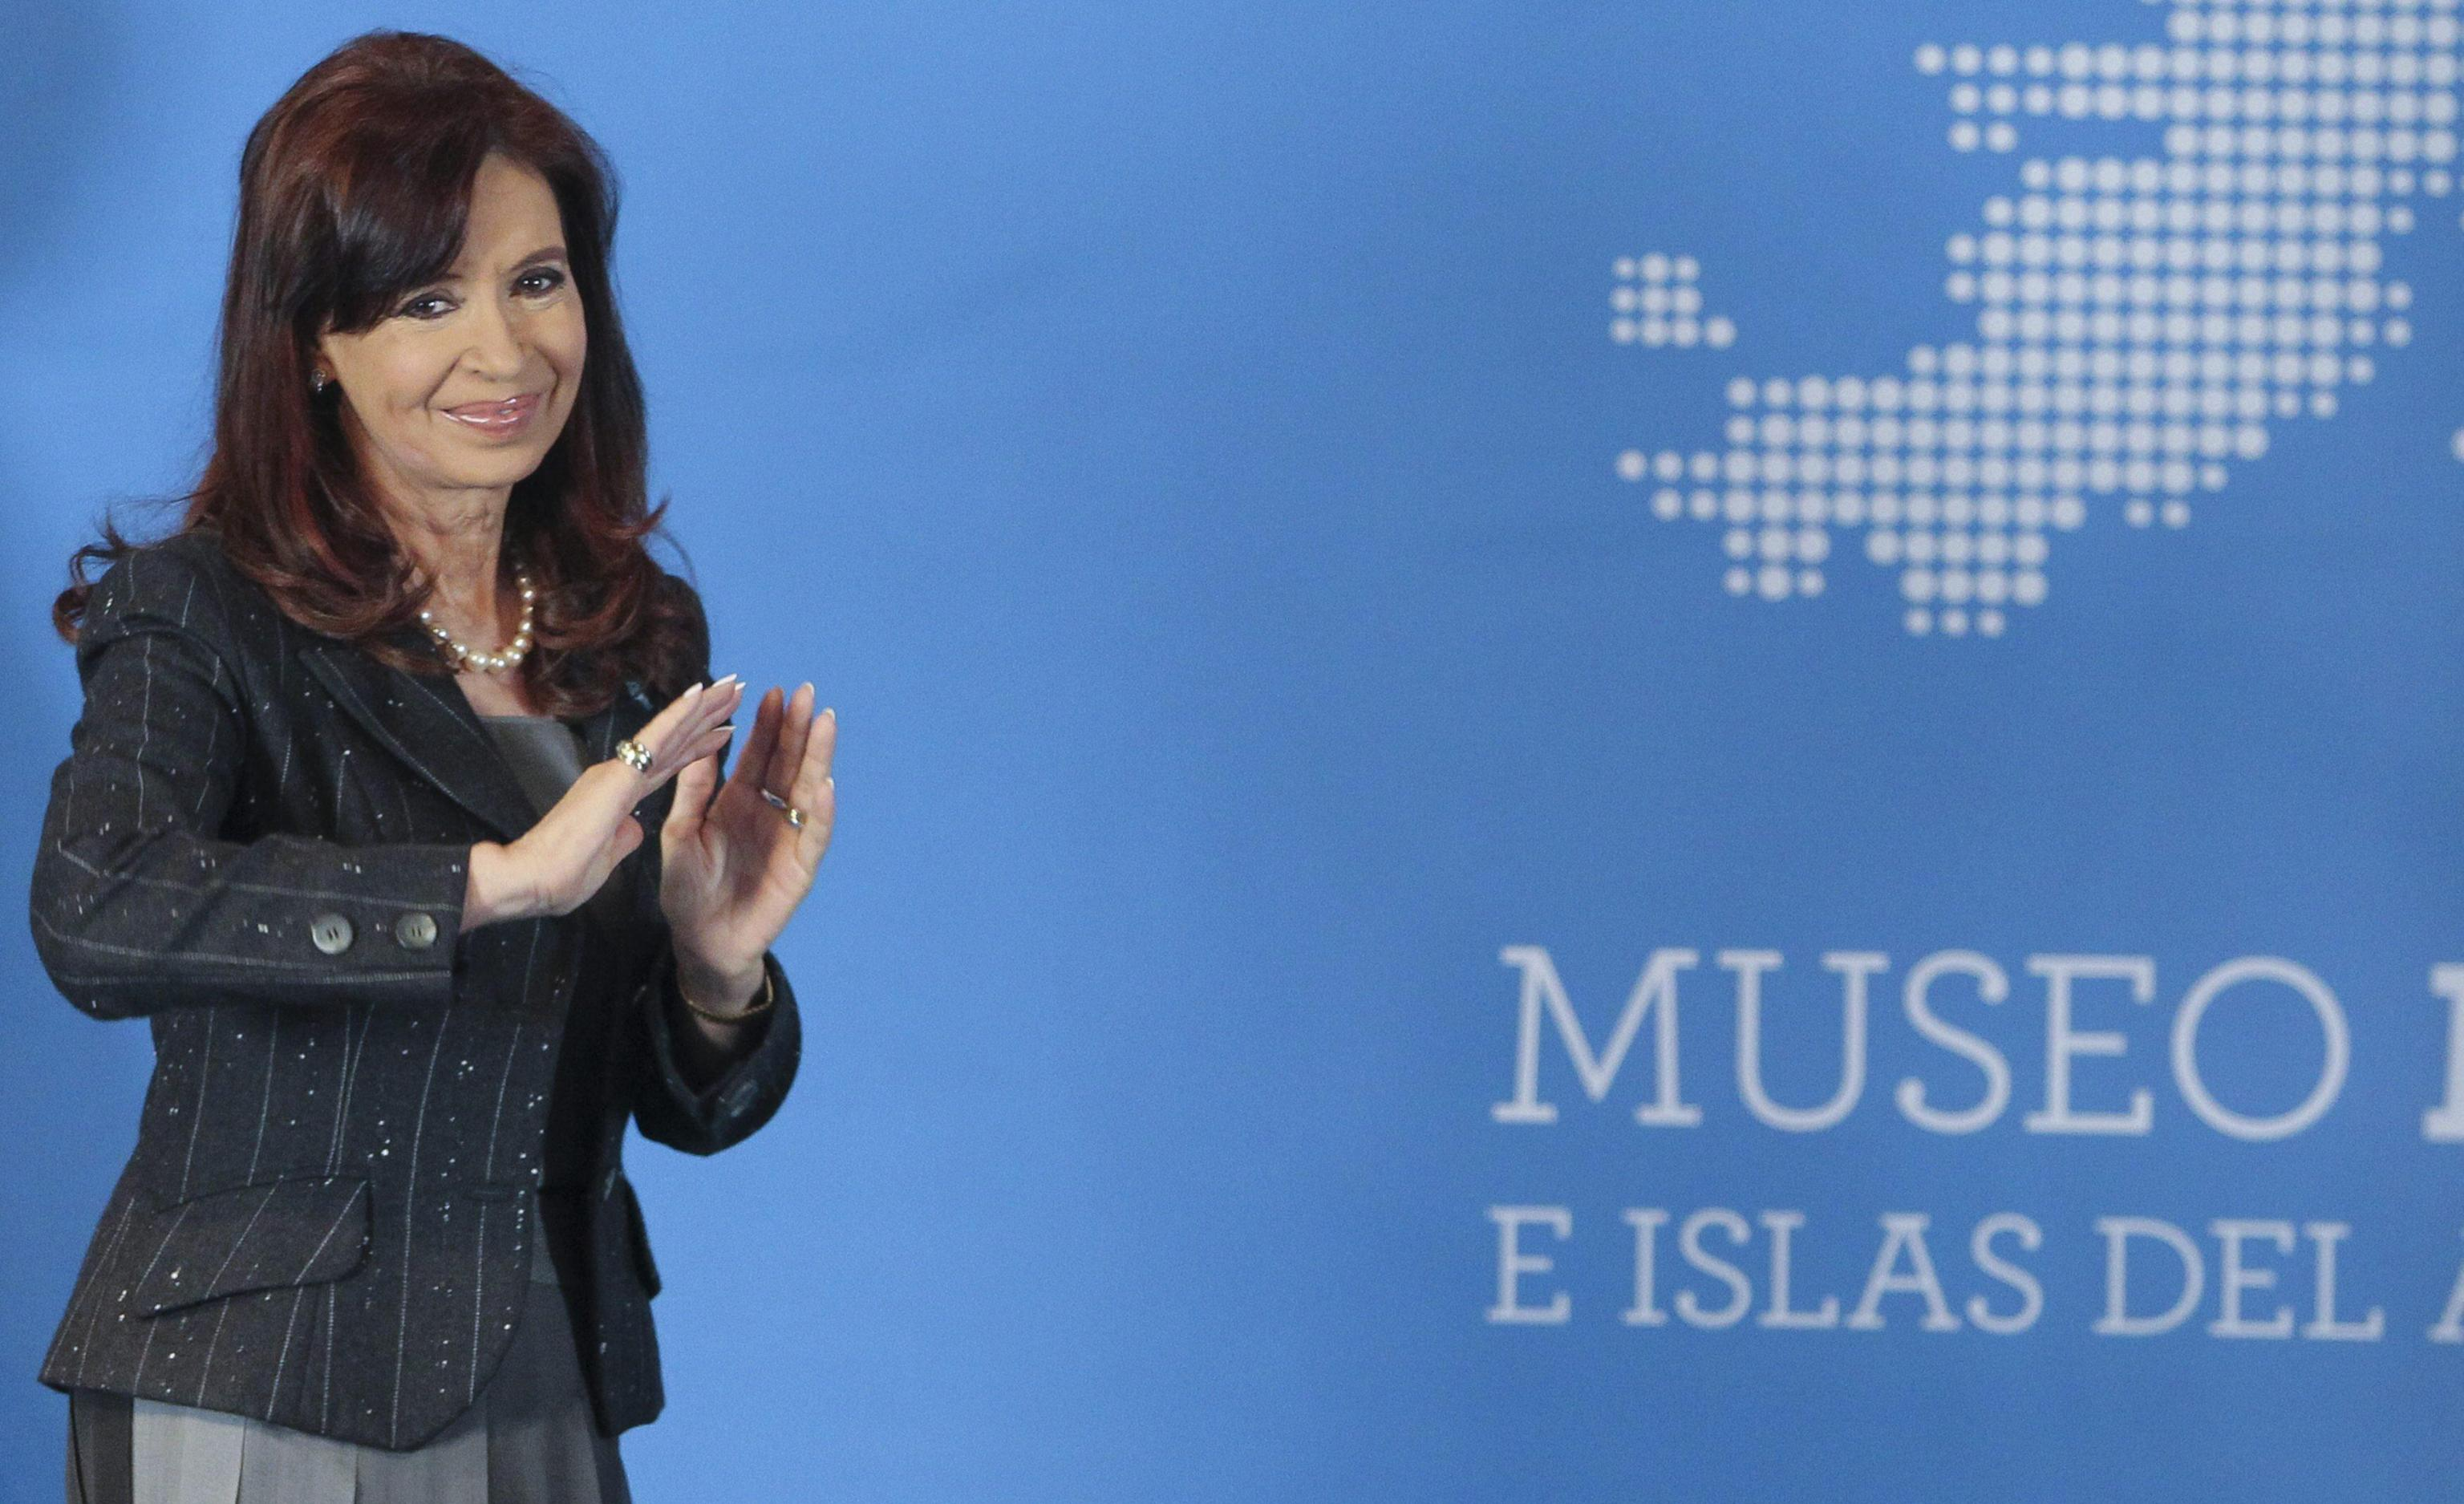 Mafiosi per genetica : La vicepresidente Argentina attacca gli italiani